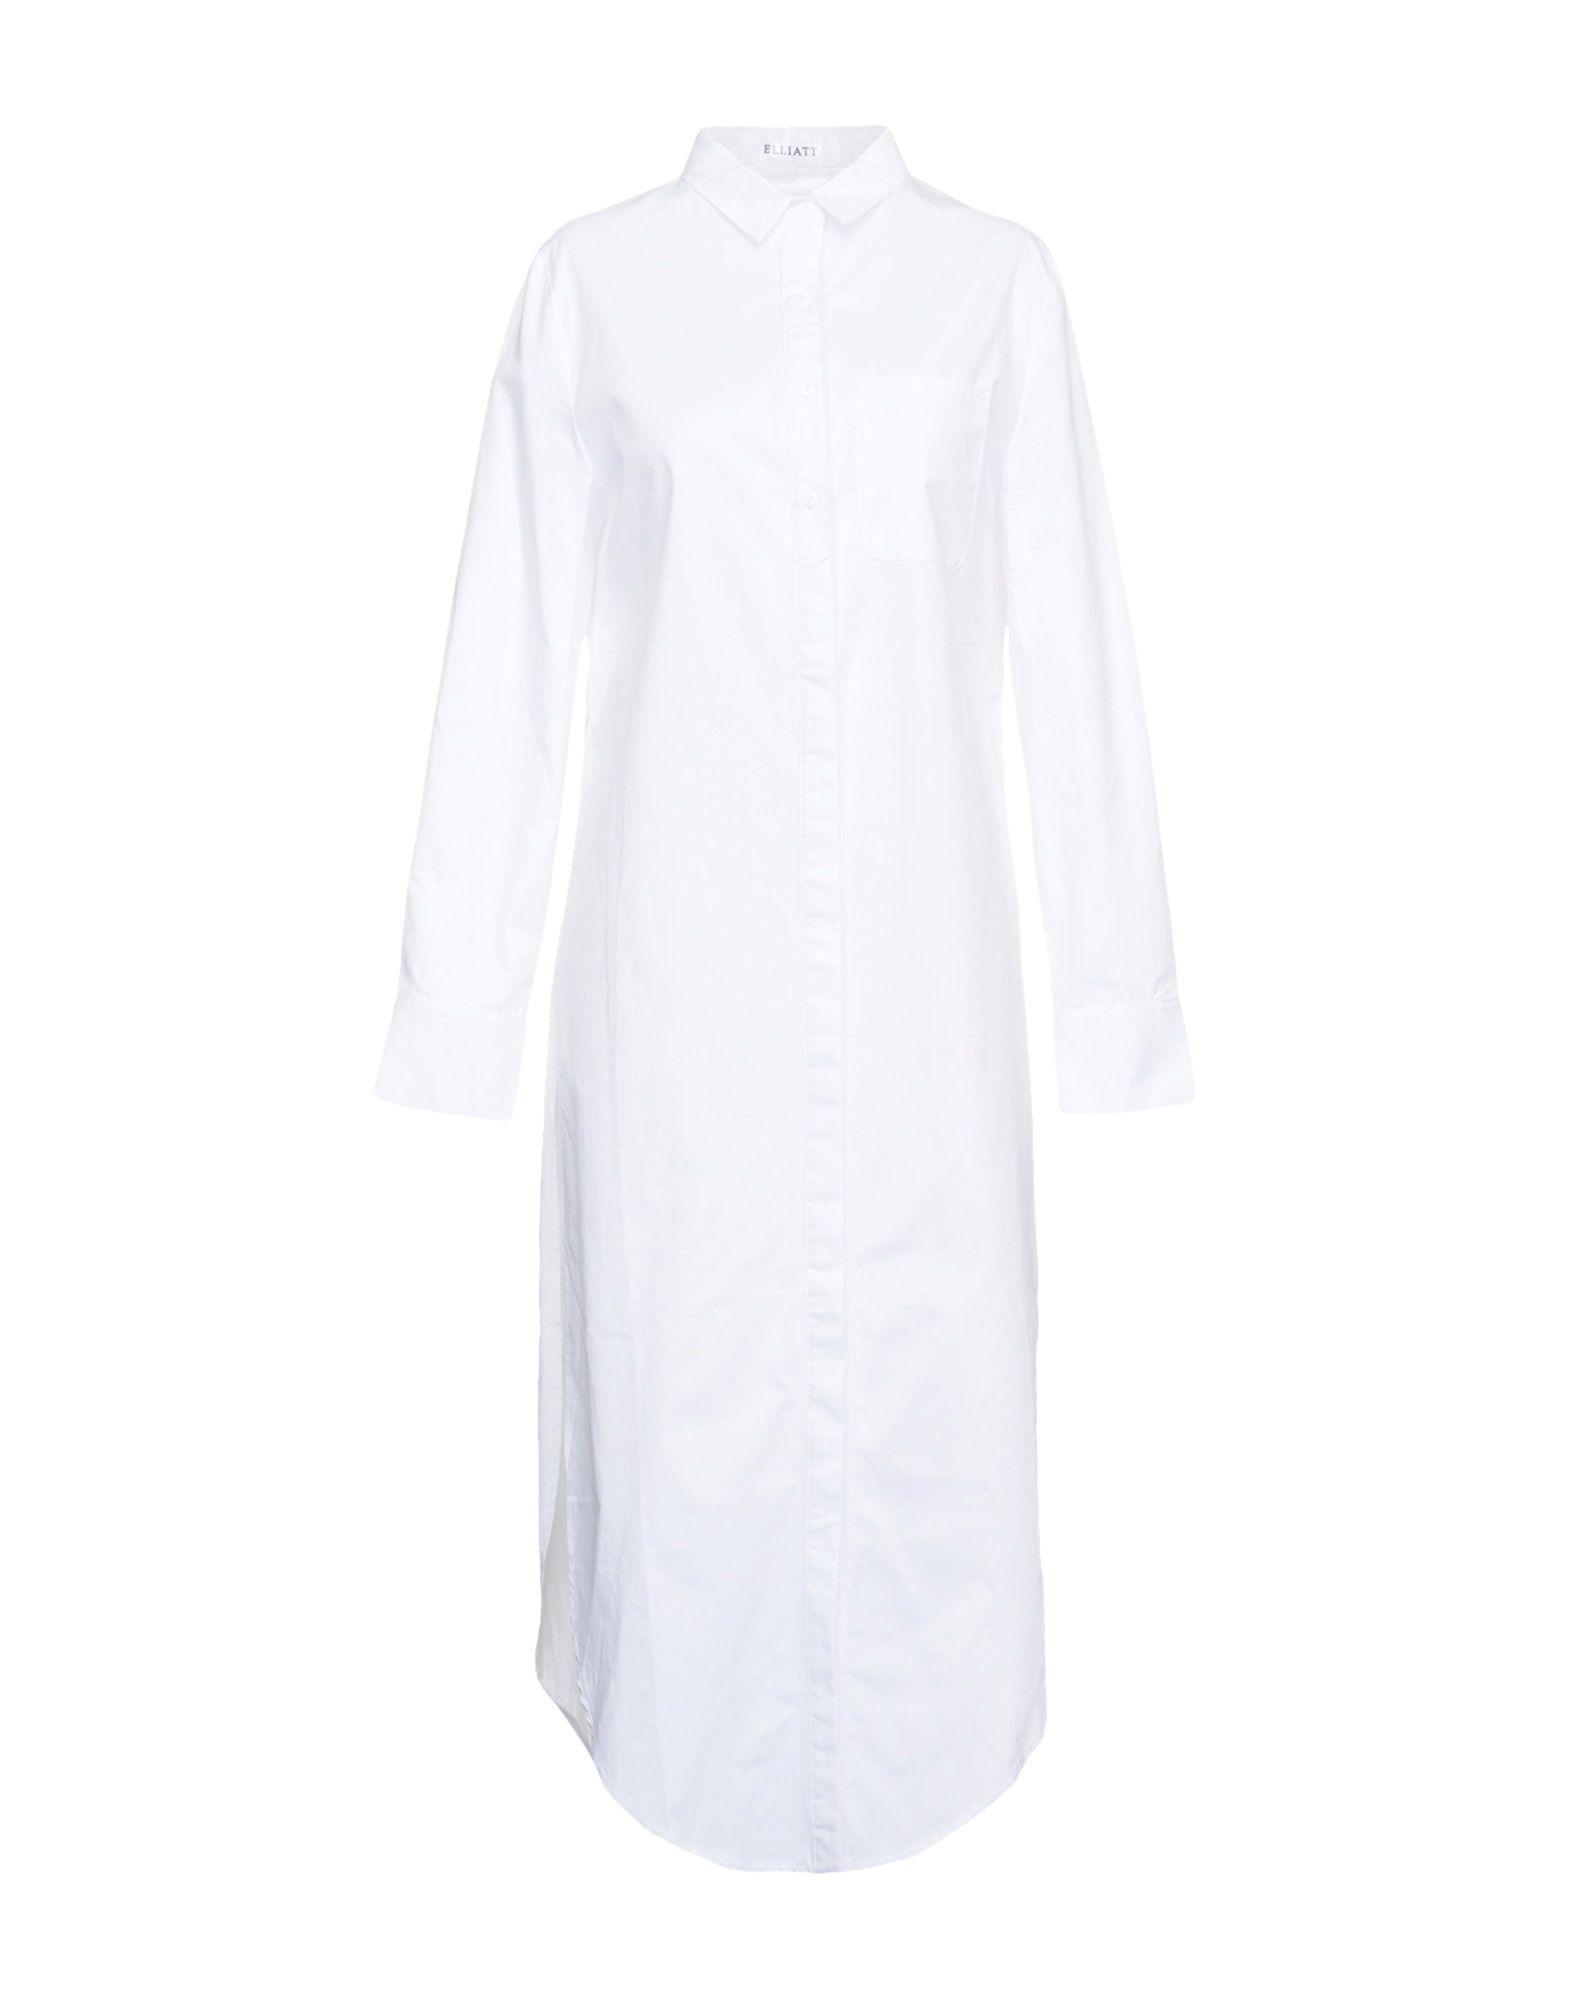 Elliatt Shirts In White